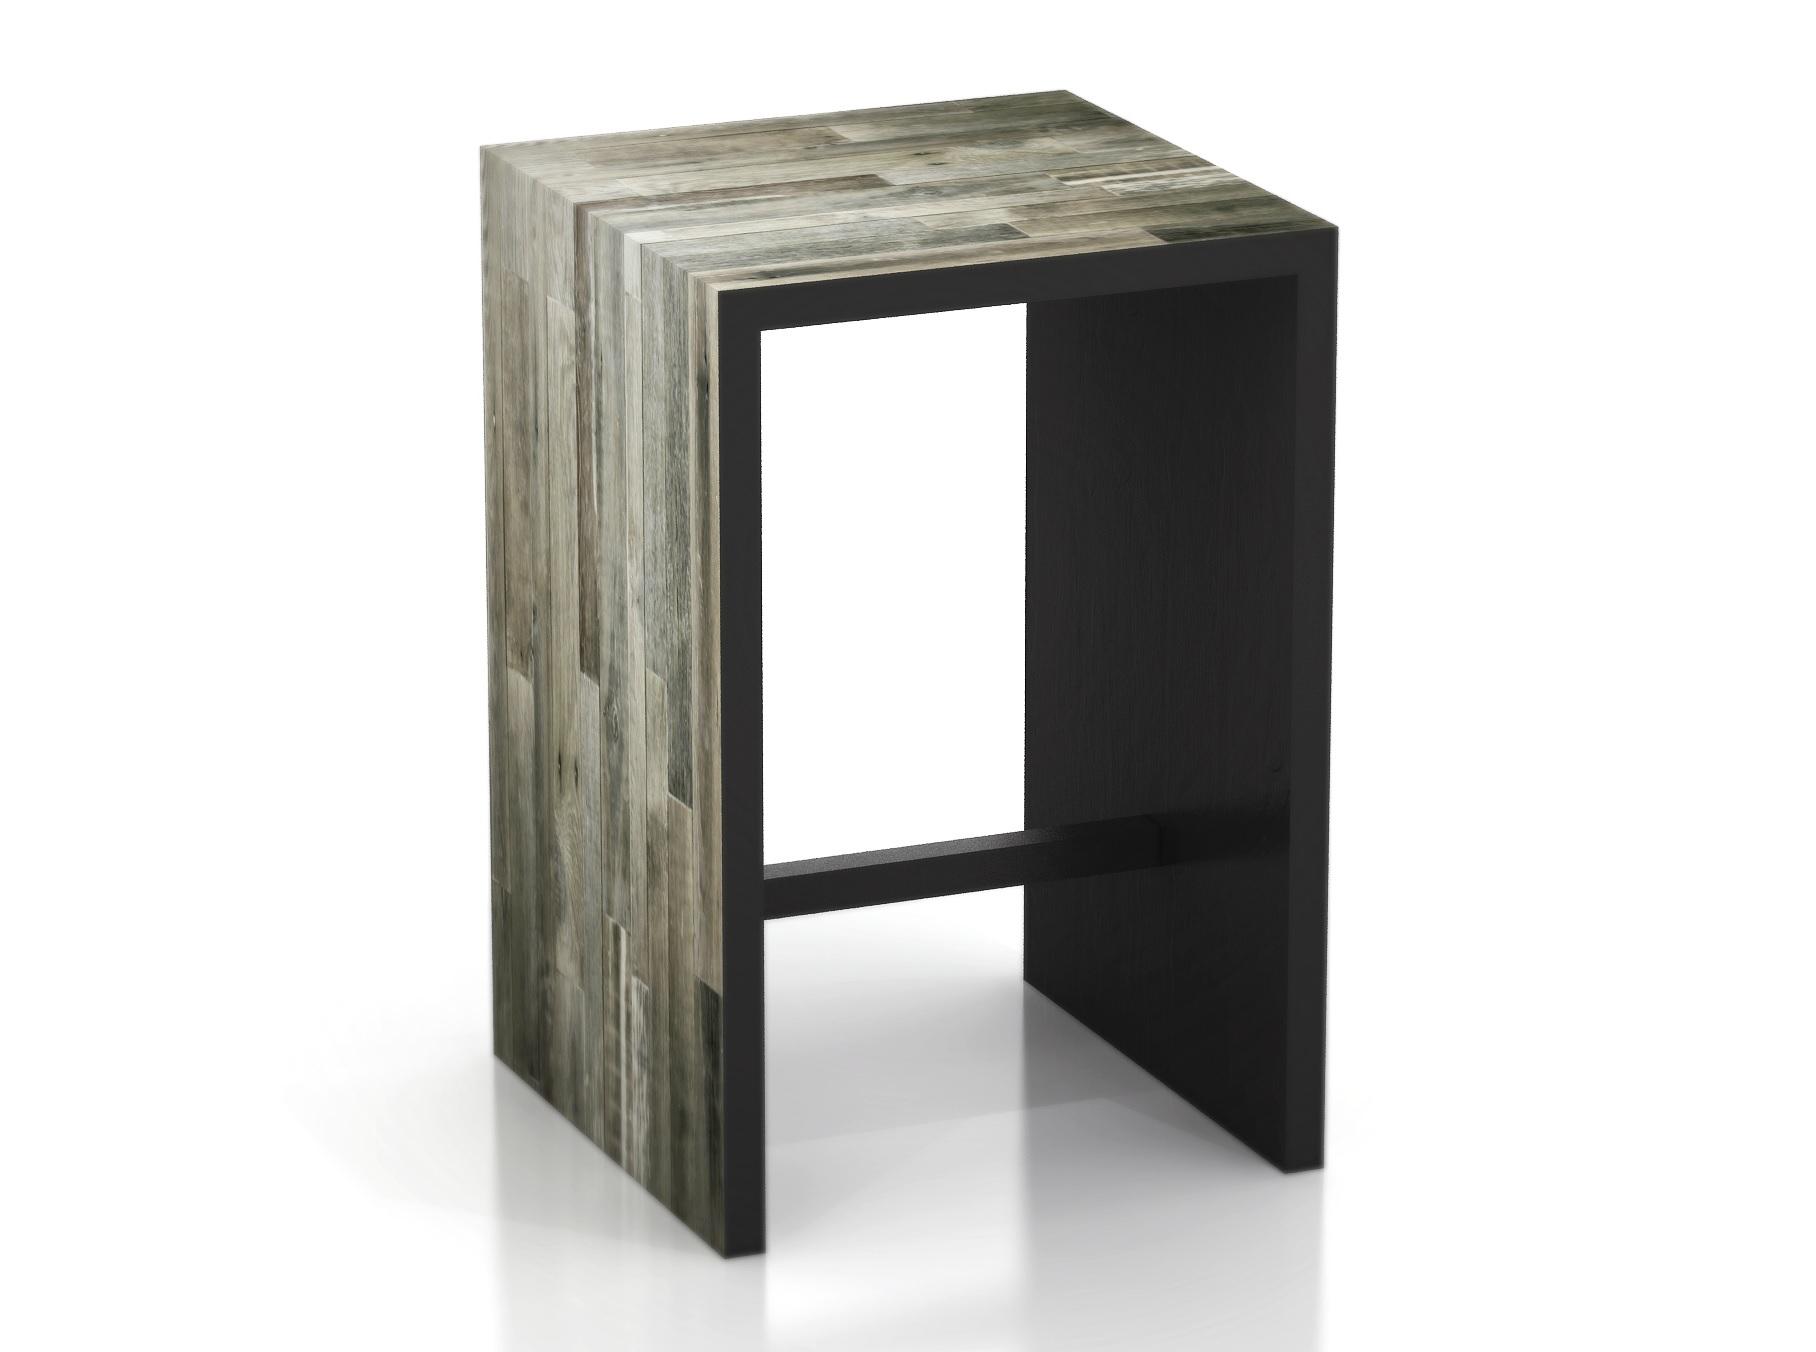 Стол барный Oldwood StapleБарные столы<br>Материал: березовая фанера, старая доска. На основание крепится мебельный войлок.&amp;lt;div&amp;gt;&amp;lt;br&amp;gt;&amp;lt;/div&amp;gt;&amp;lt;div&amp;gt;Возможно изготовление любых размеров, стоимость необходимо уточнять.&amp;lt;/div&amp;gt;&amp;lt;div&amp;gt;Ширина: 60-300 см, глубина: 60-100 см, высота: 90/100/110/120 см.&amp;lt;/div&amp;gt;<br><br>Material: Дерево